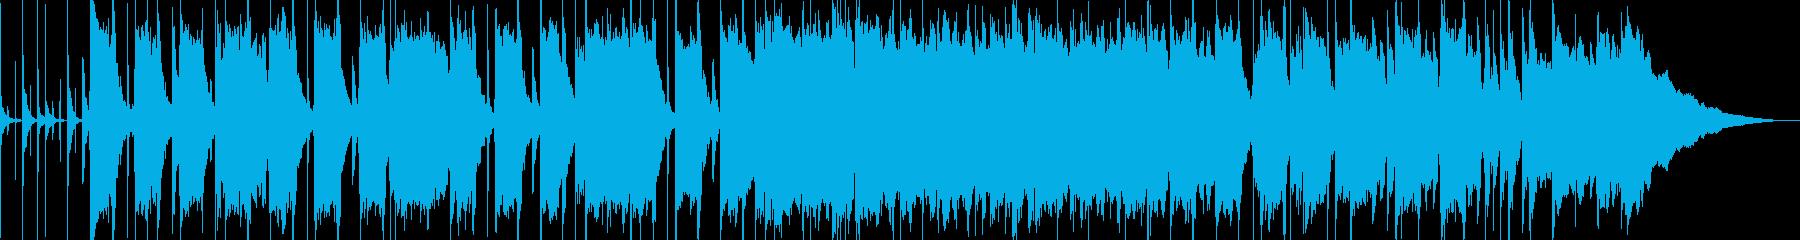 ゆったりブルージンポップスの再生済みの波形